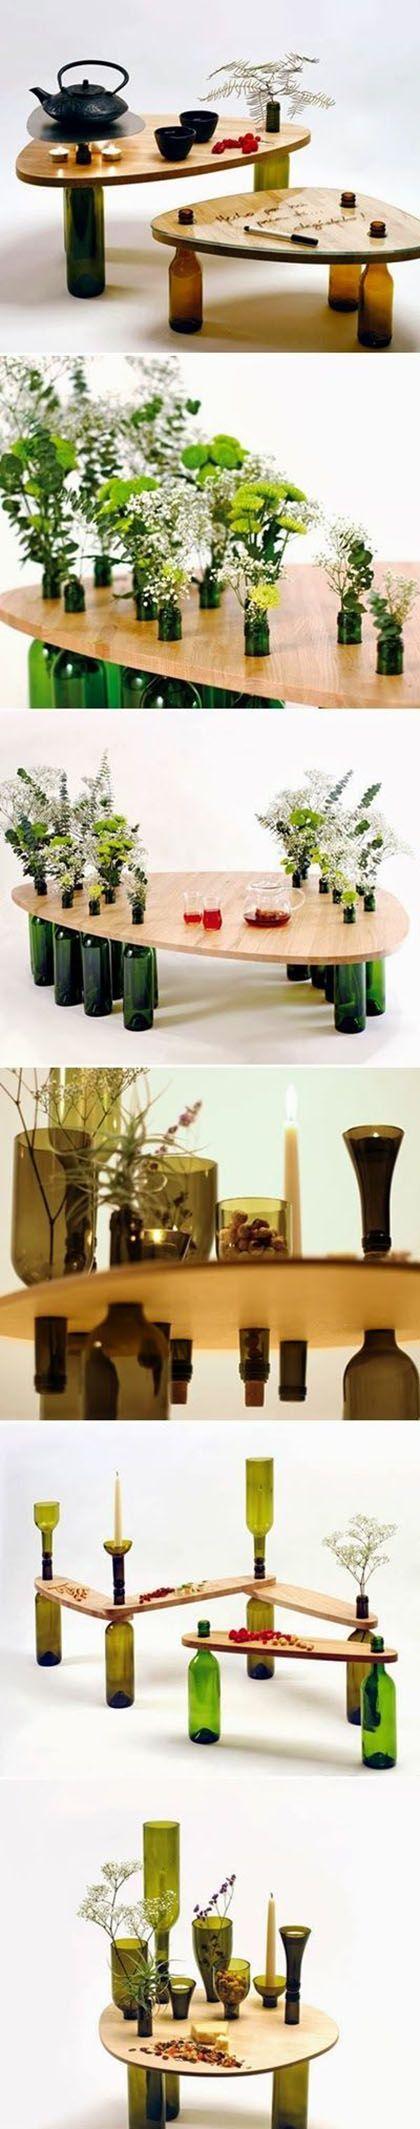 Great Bottle Craft Idea | DIY & Crafts Tutorials